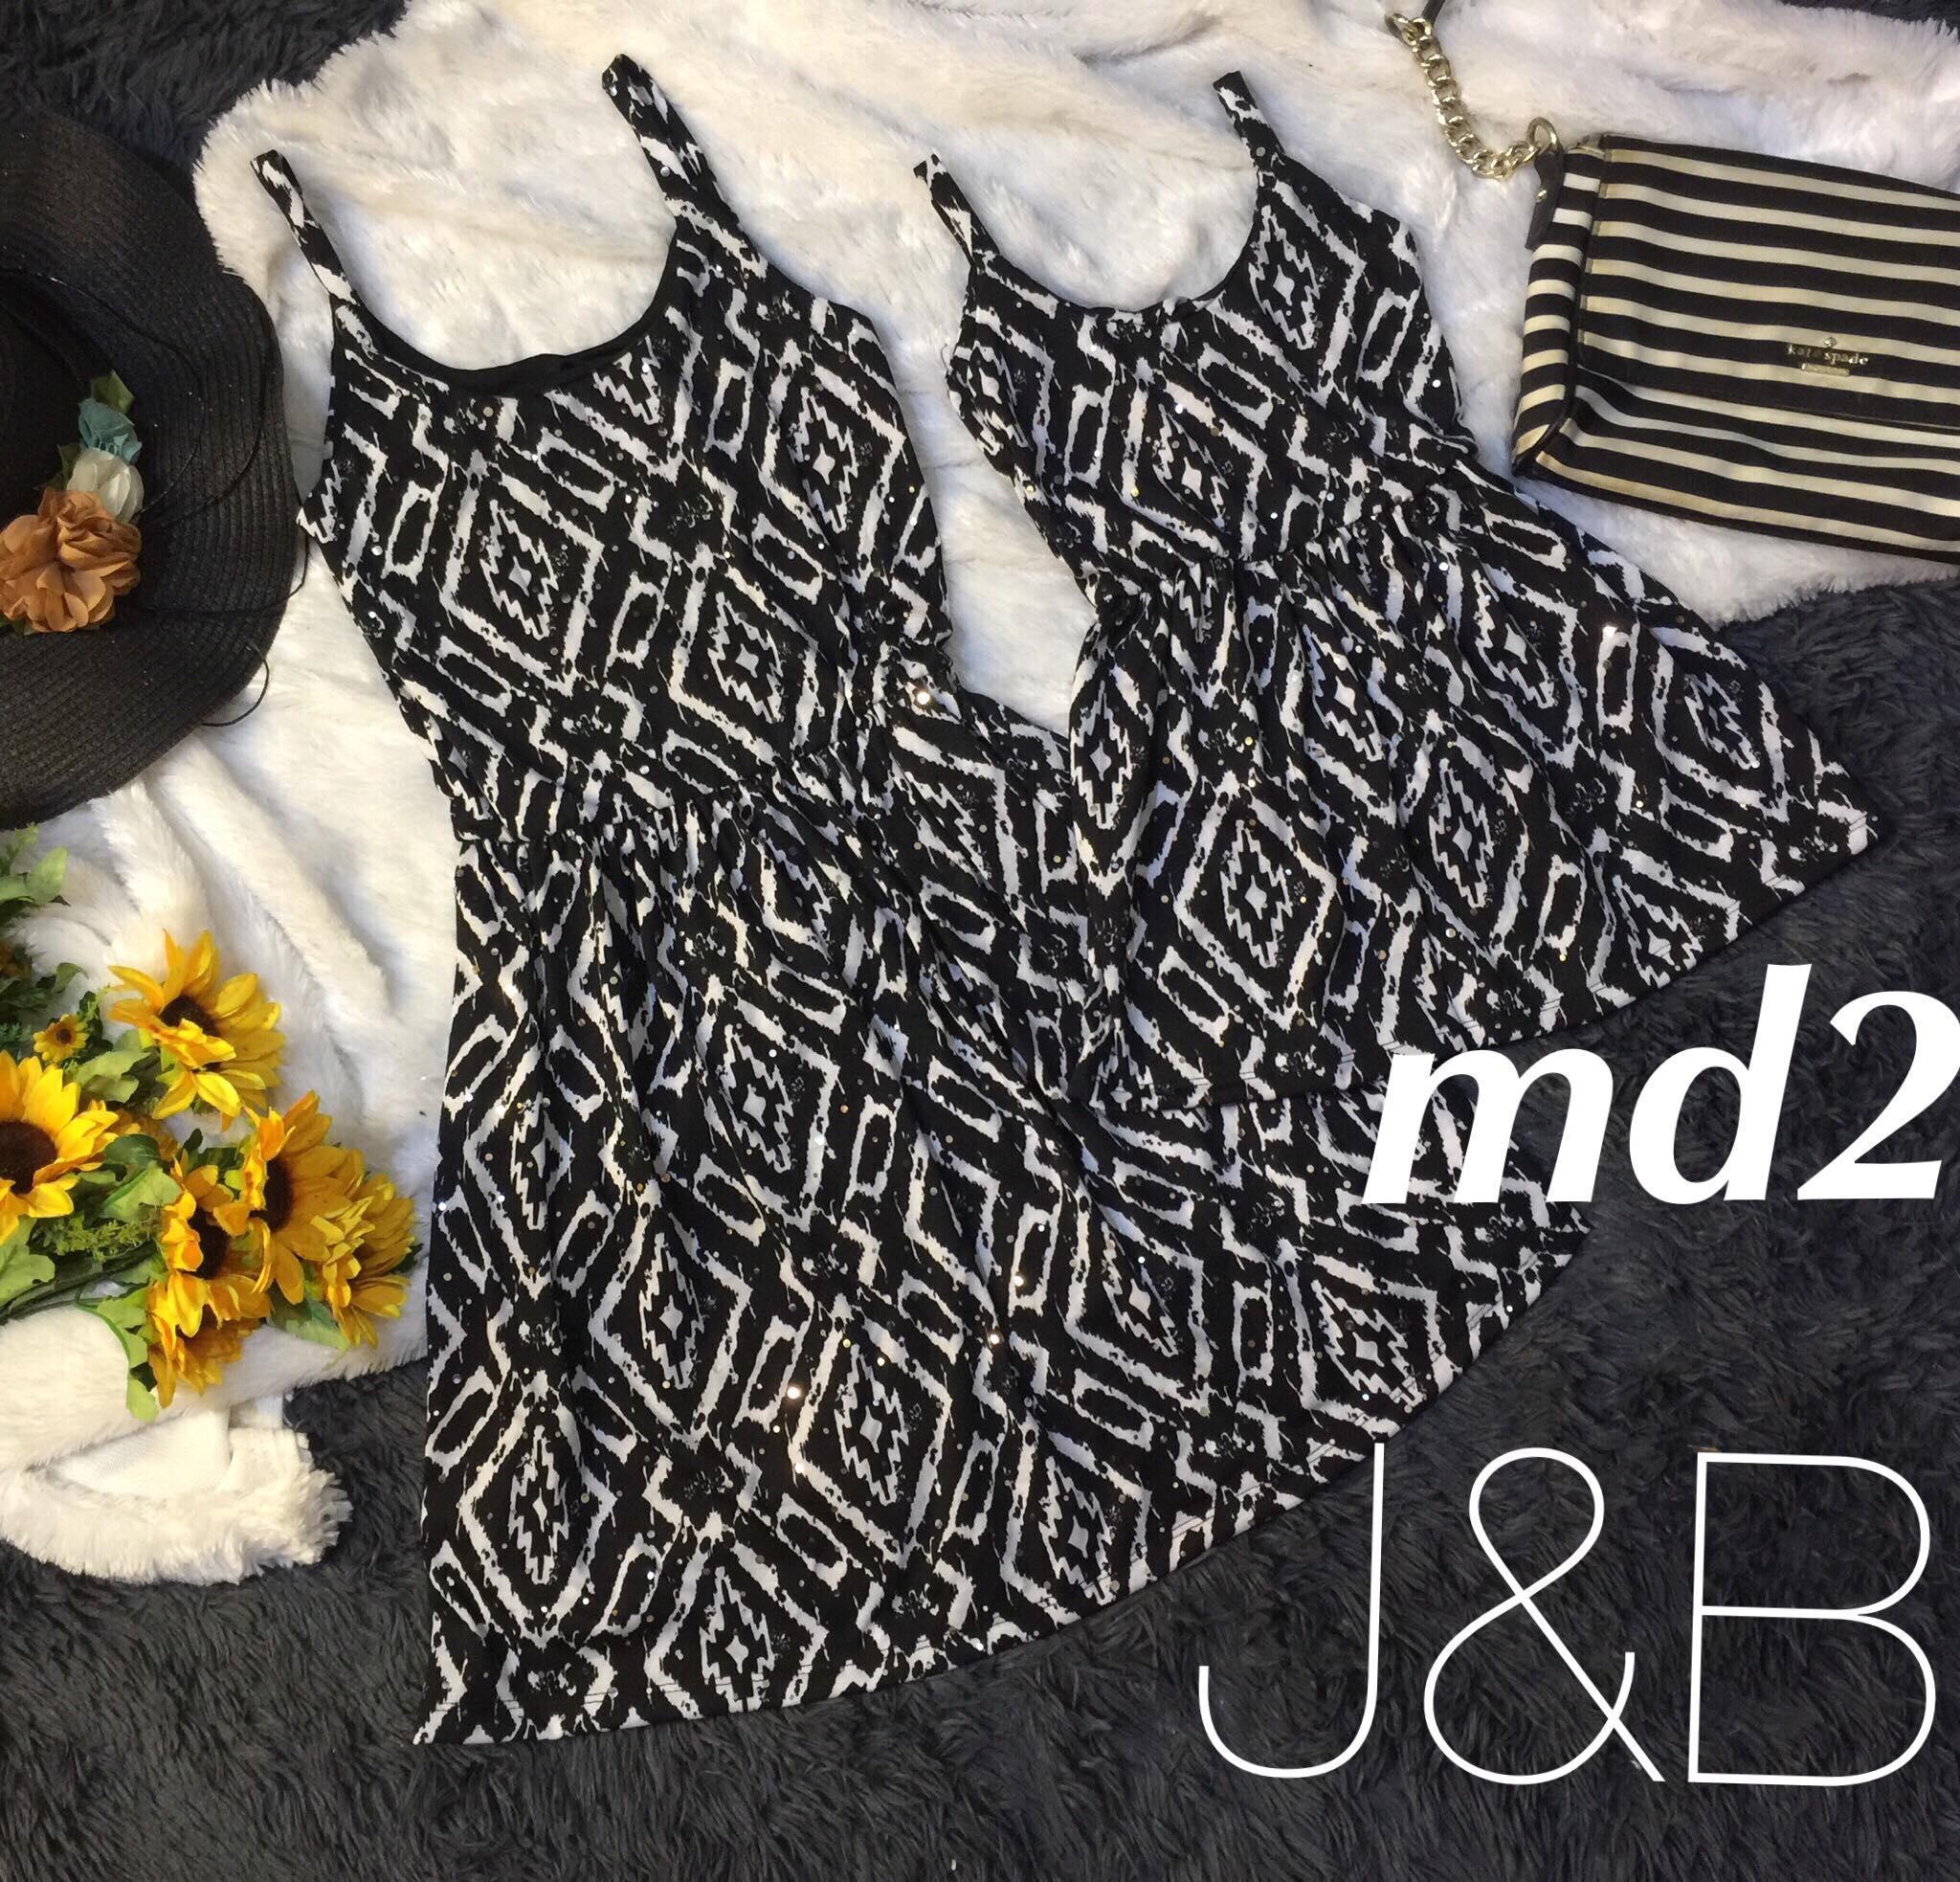 Crochet Dresses For Baby Girl Online Saddha